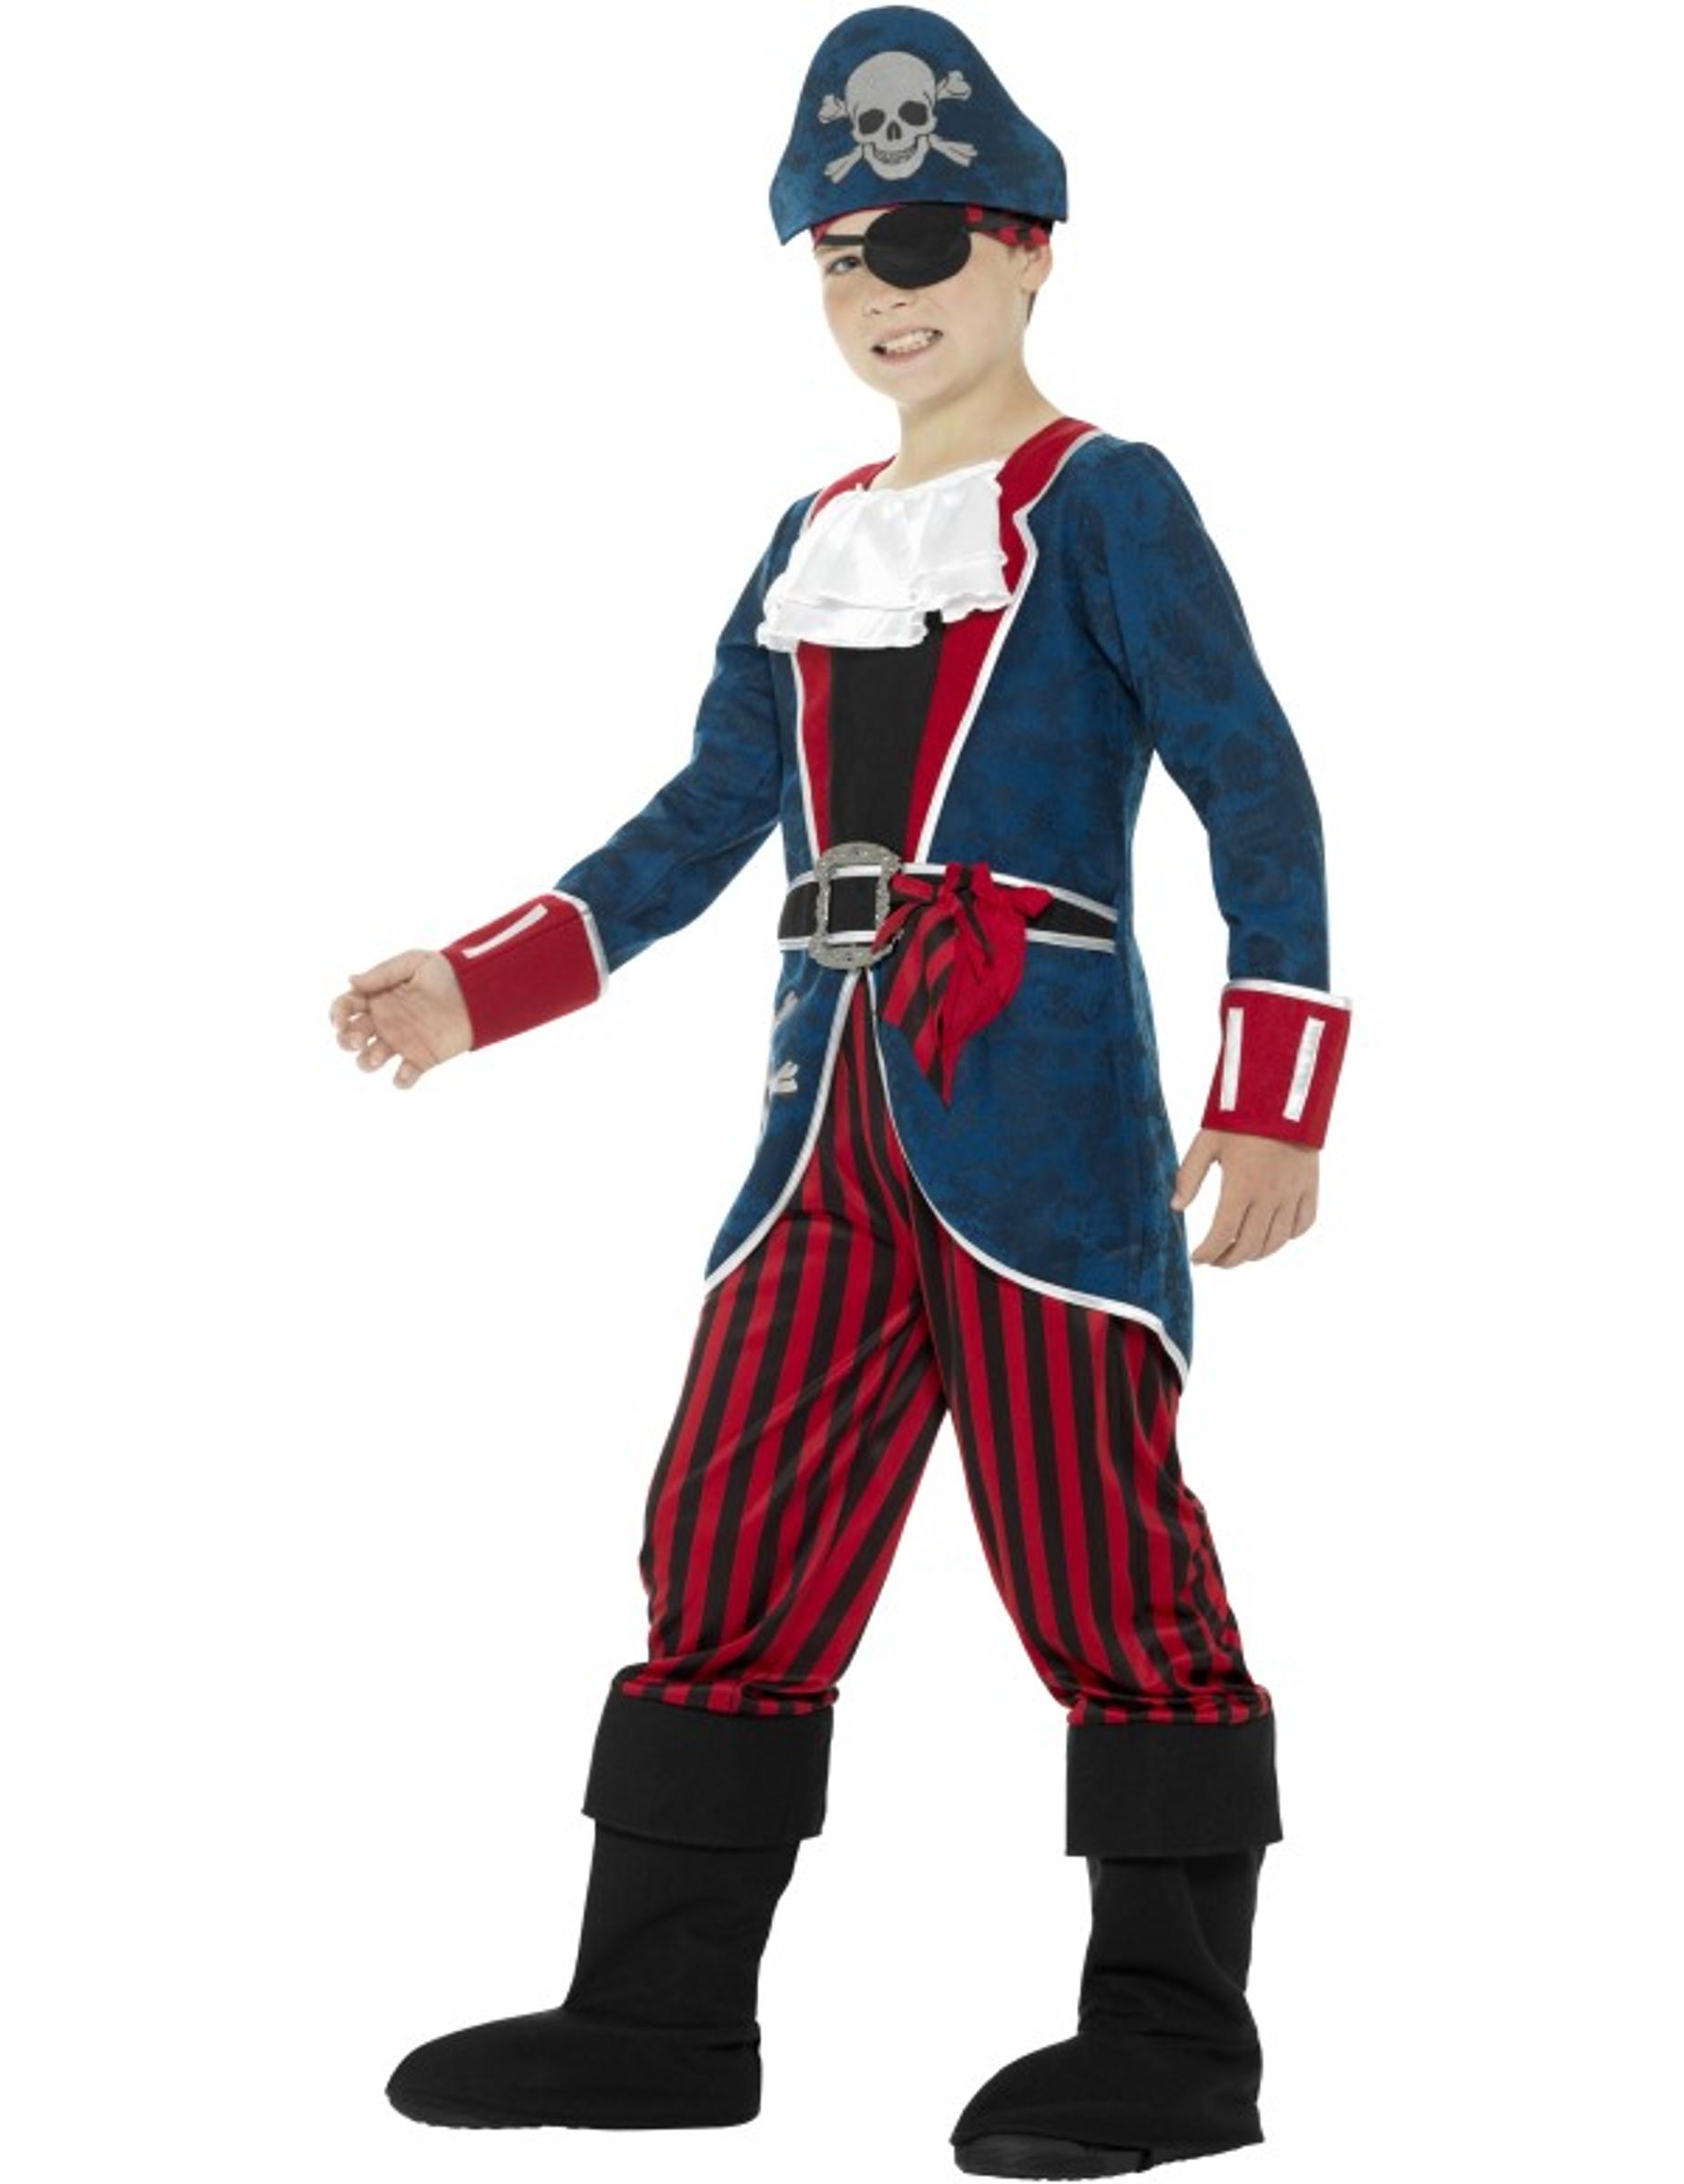 kapit n piraten kost m blau und rot f r jungen kost me f r kinder und g nstige faschingskost me. Black Bedroom Furniture Sets. Home Design Ideas